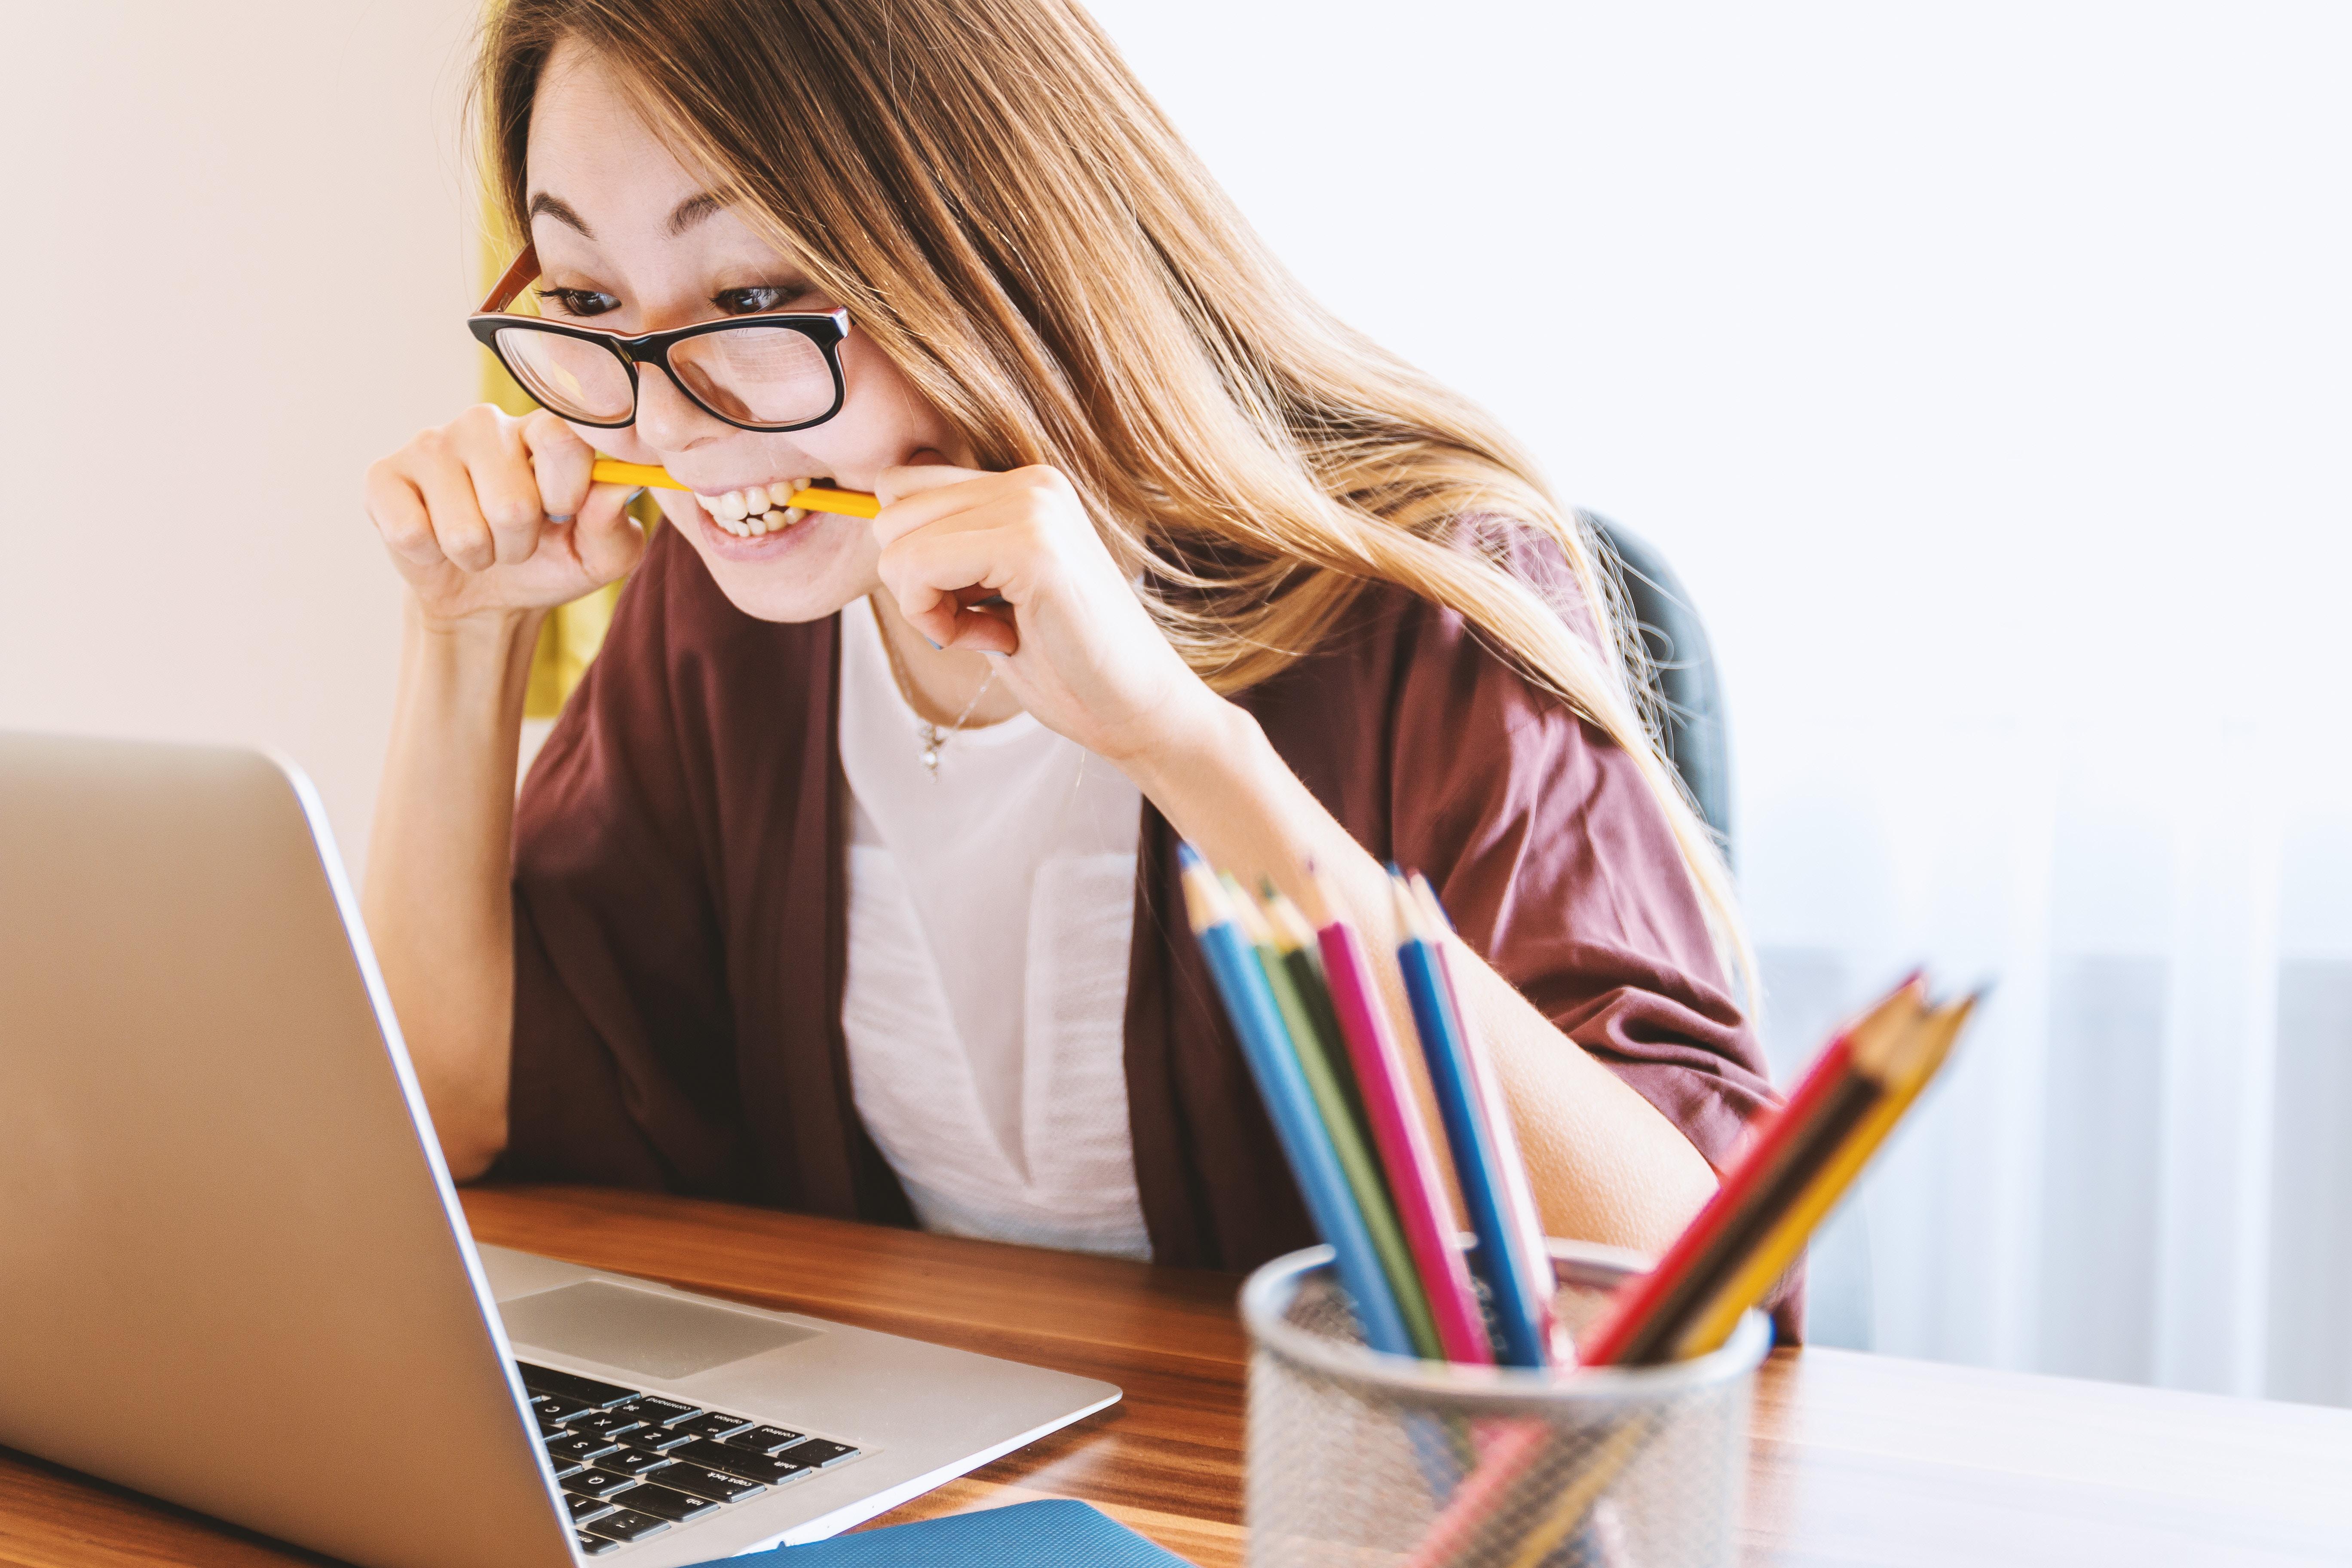 パソコンの前で鉛筆を噛む女性